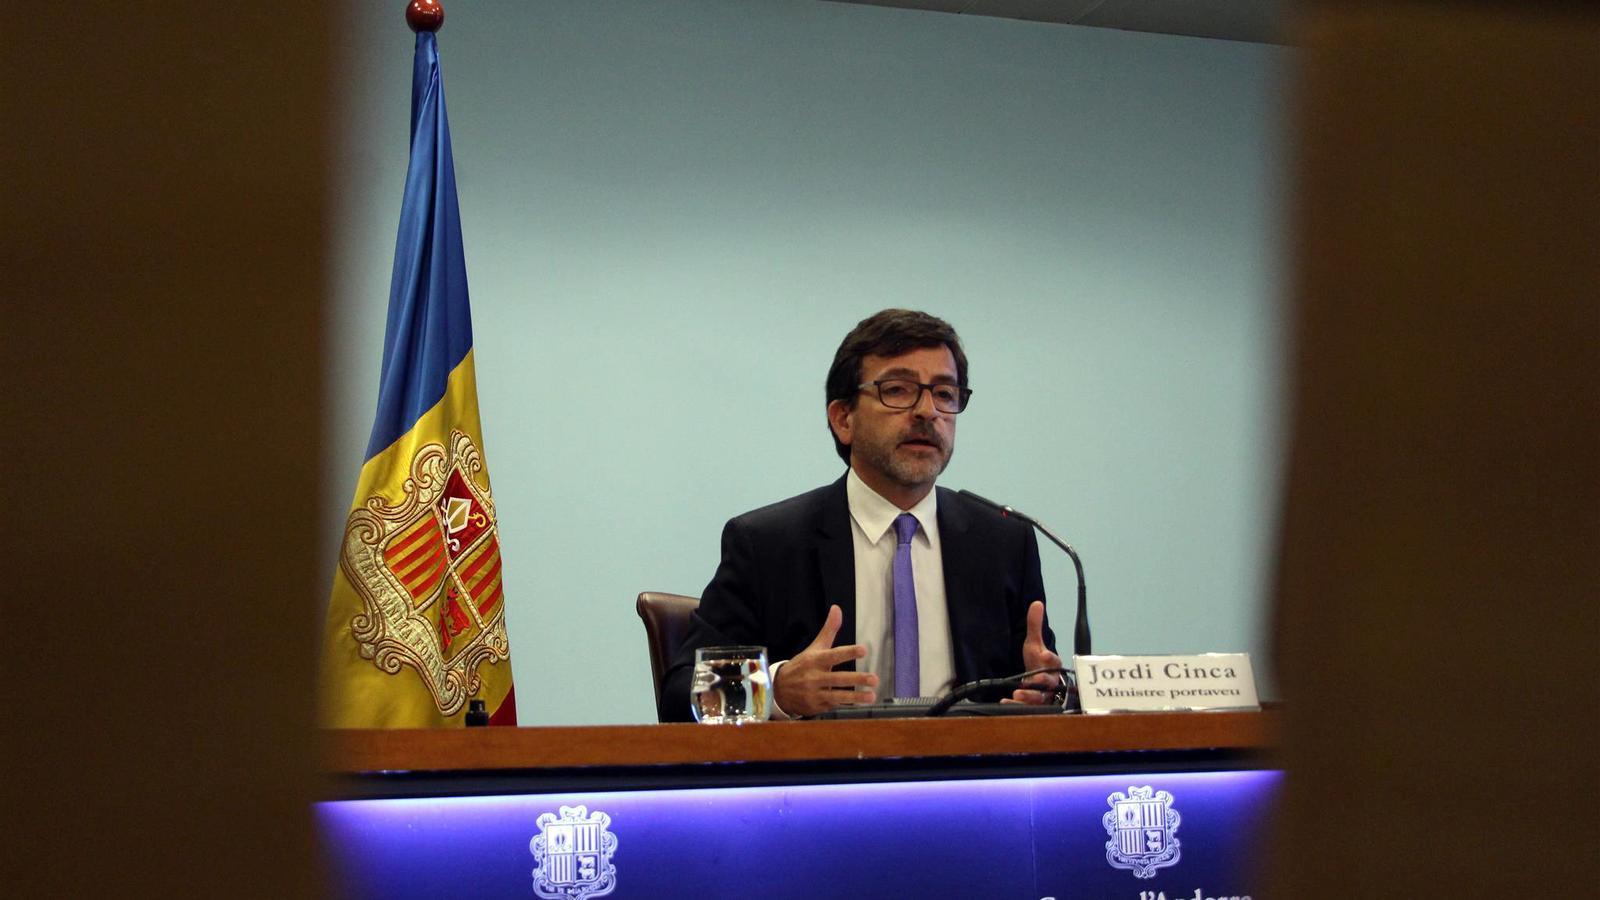 El ministre portaveu i ministre de Finances, Jordi Cinca, en una roda de premsa recent. / M.M. (ANA)